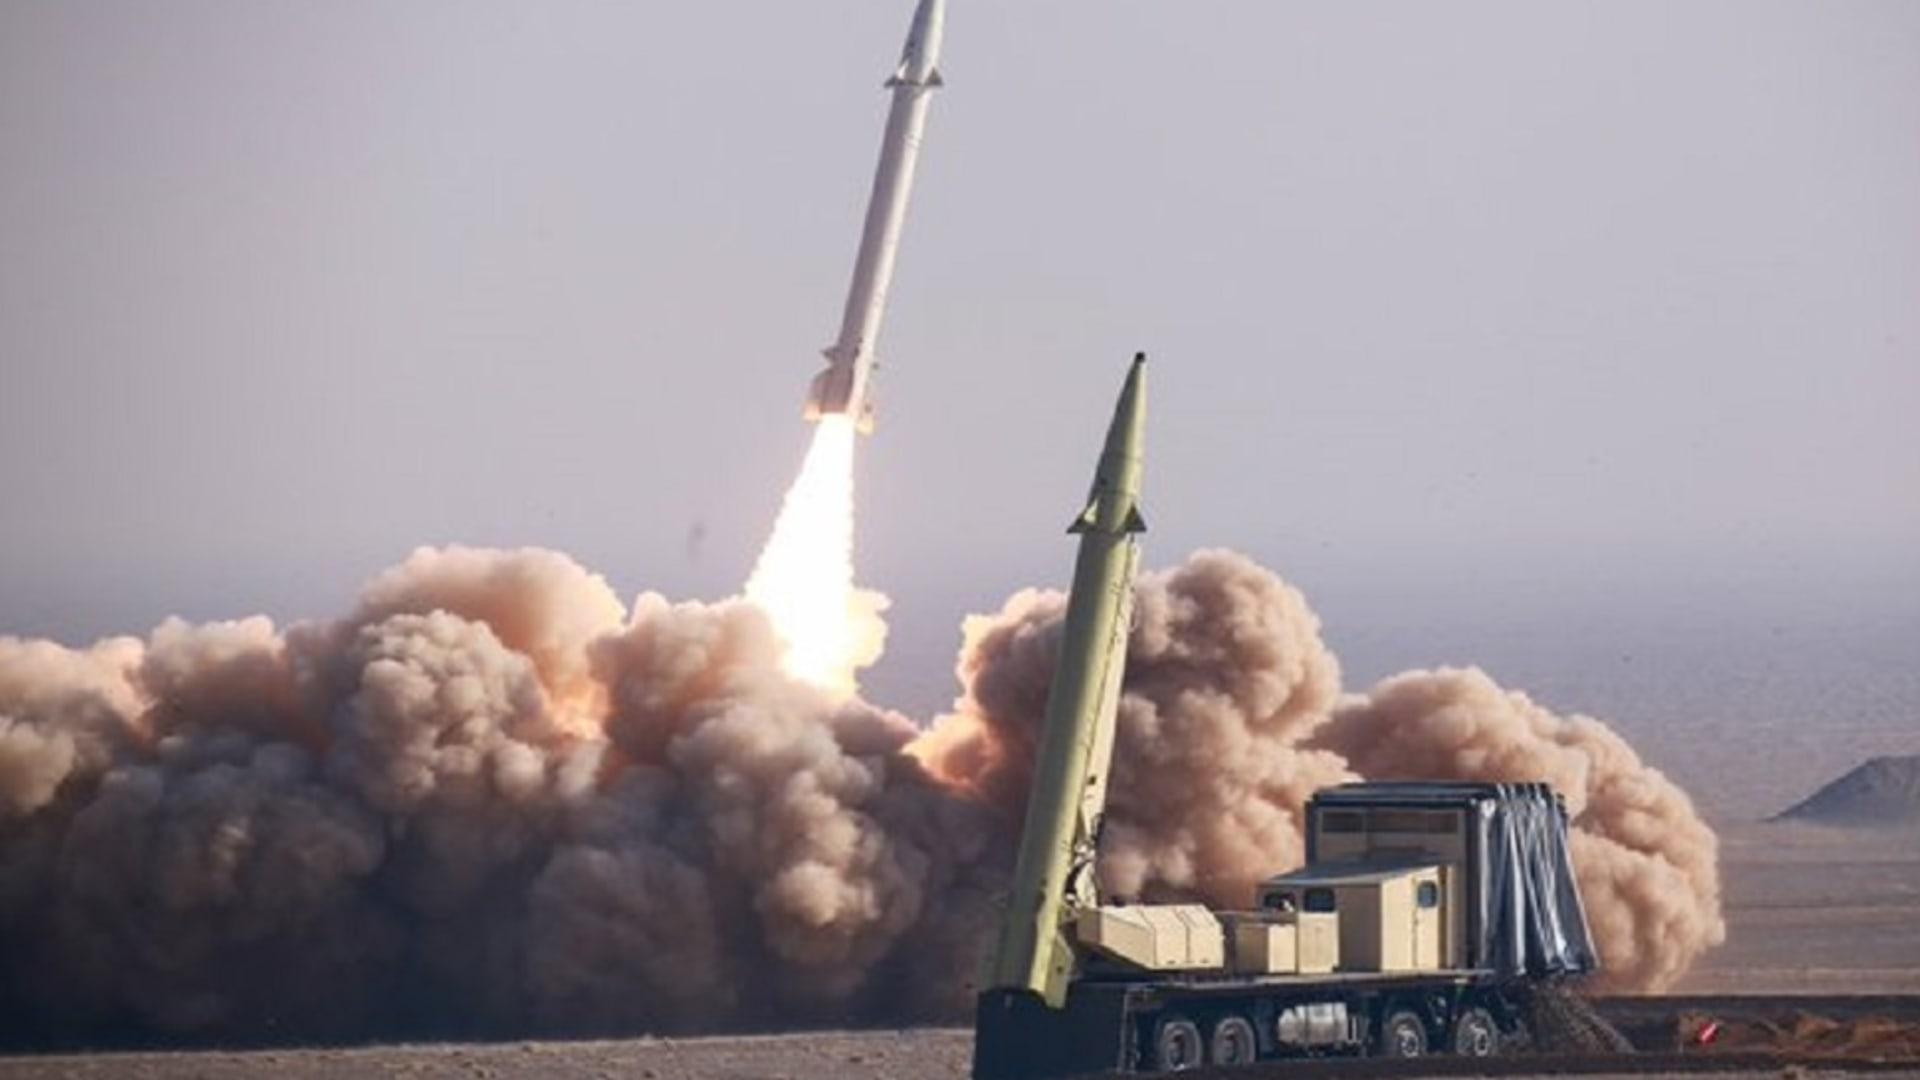 إيران تجري مناورات بصواريخ بعيدة المدى مضادة للسفن في المحيط الهندي